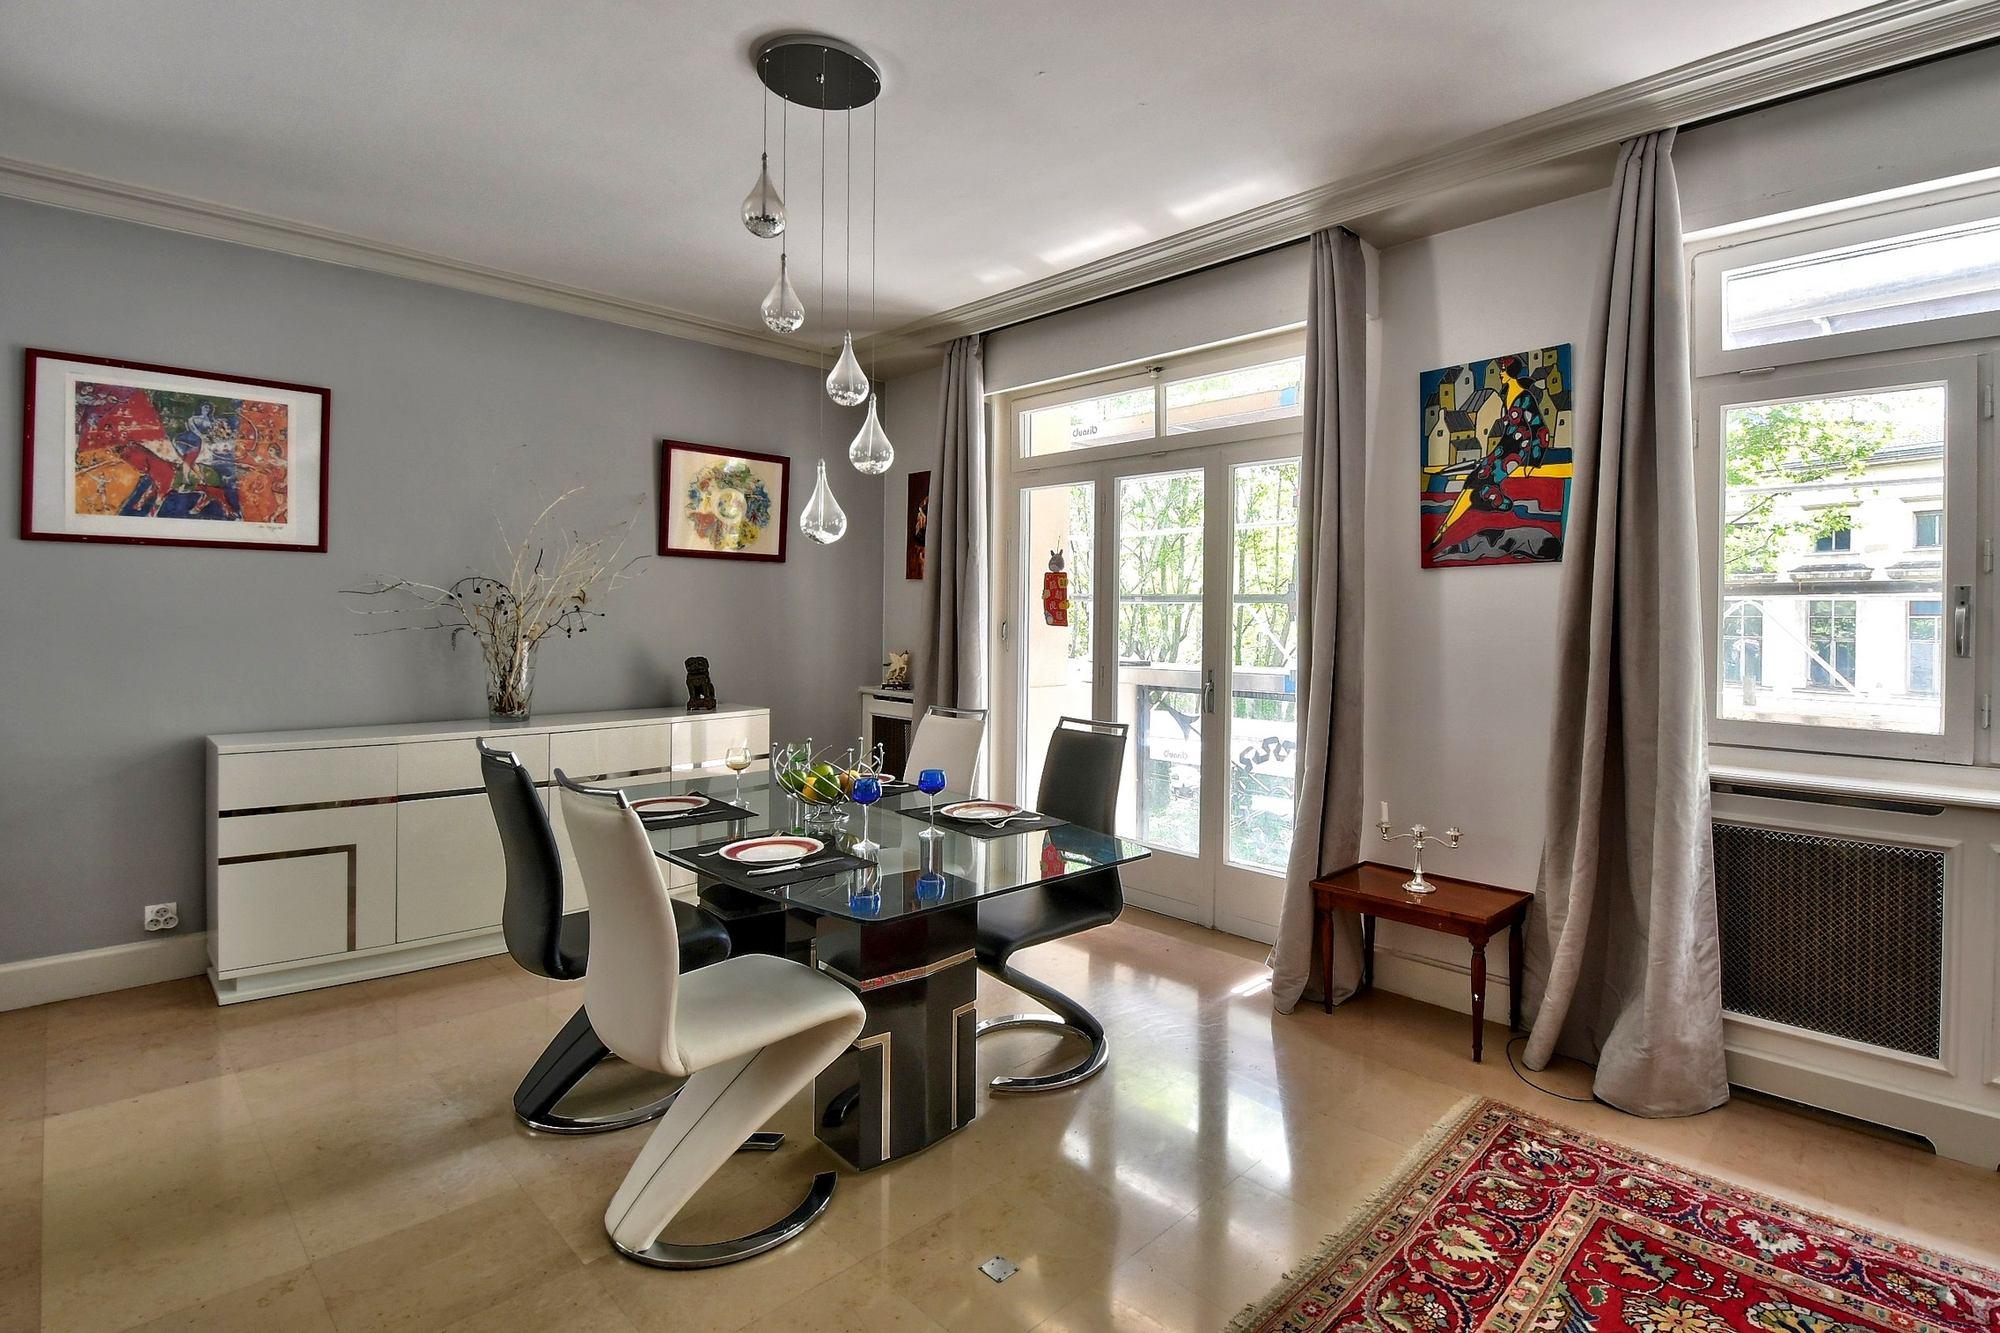 PHOTOS-vente-IMMOBILIER-Appartement-salle-manger-69006-Lyon-27-Boulevard des Belges